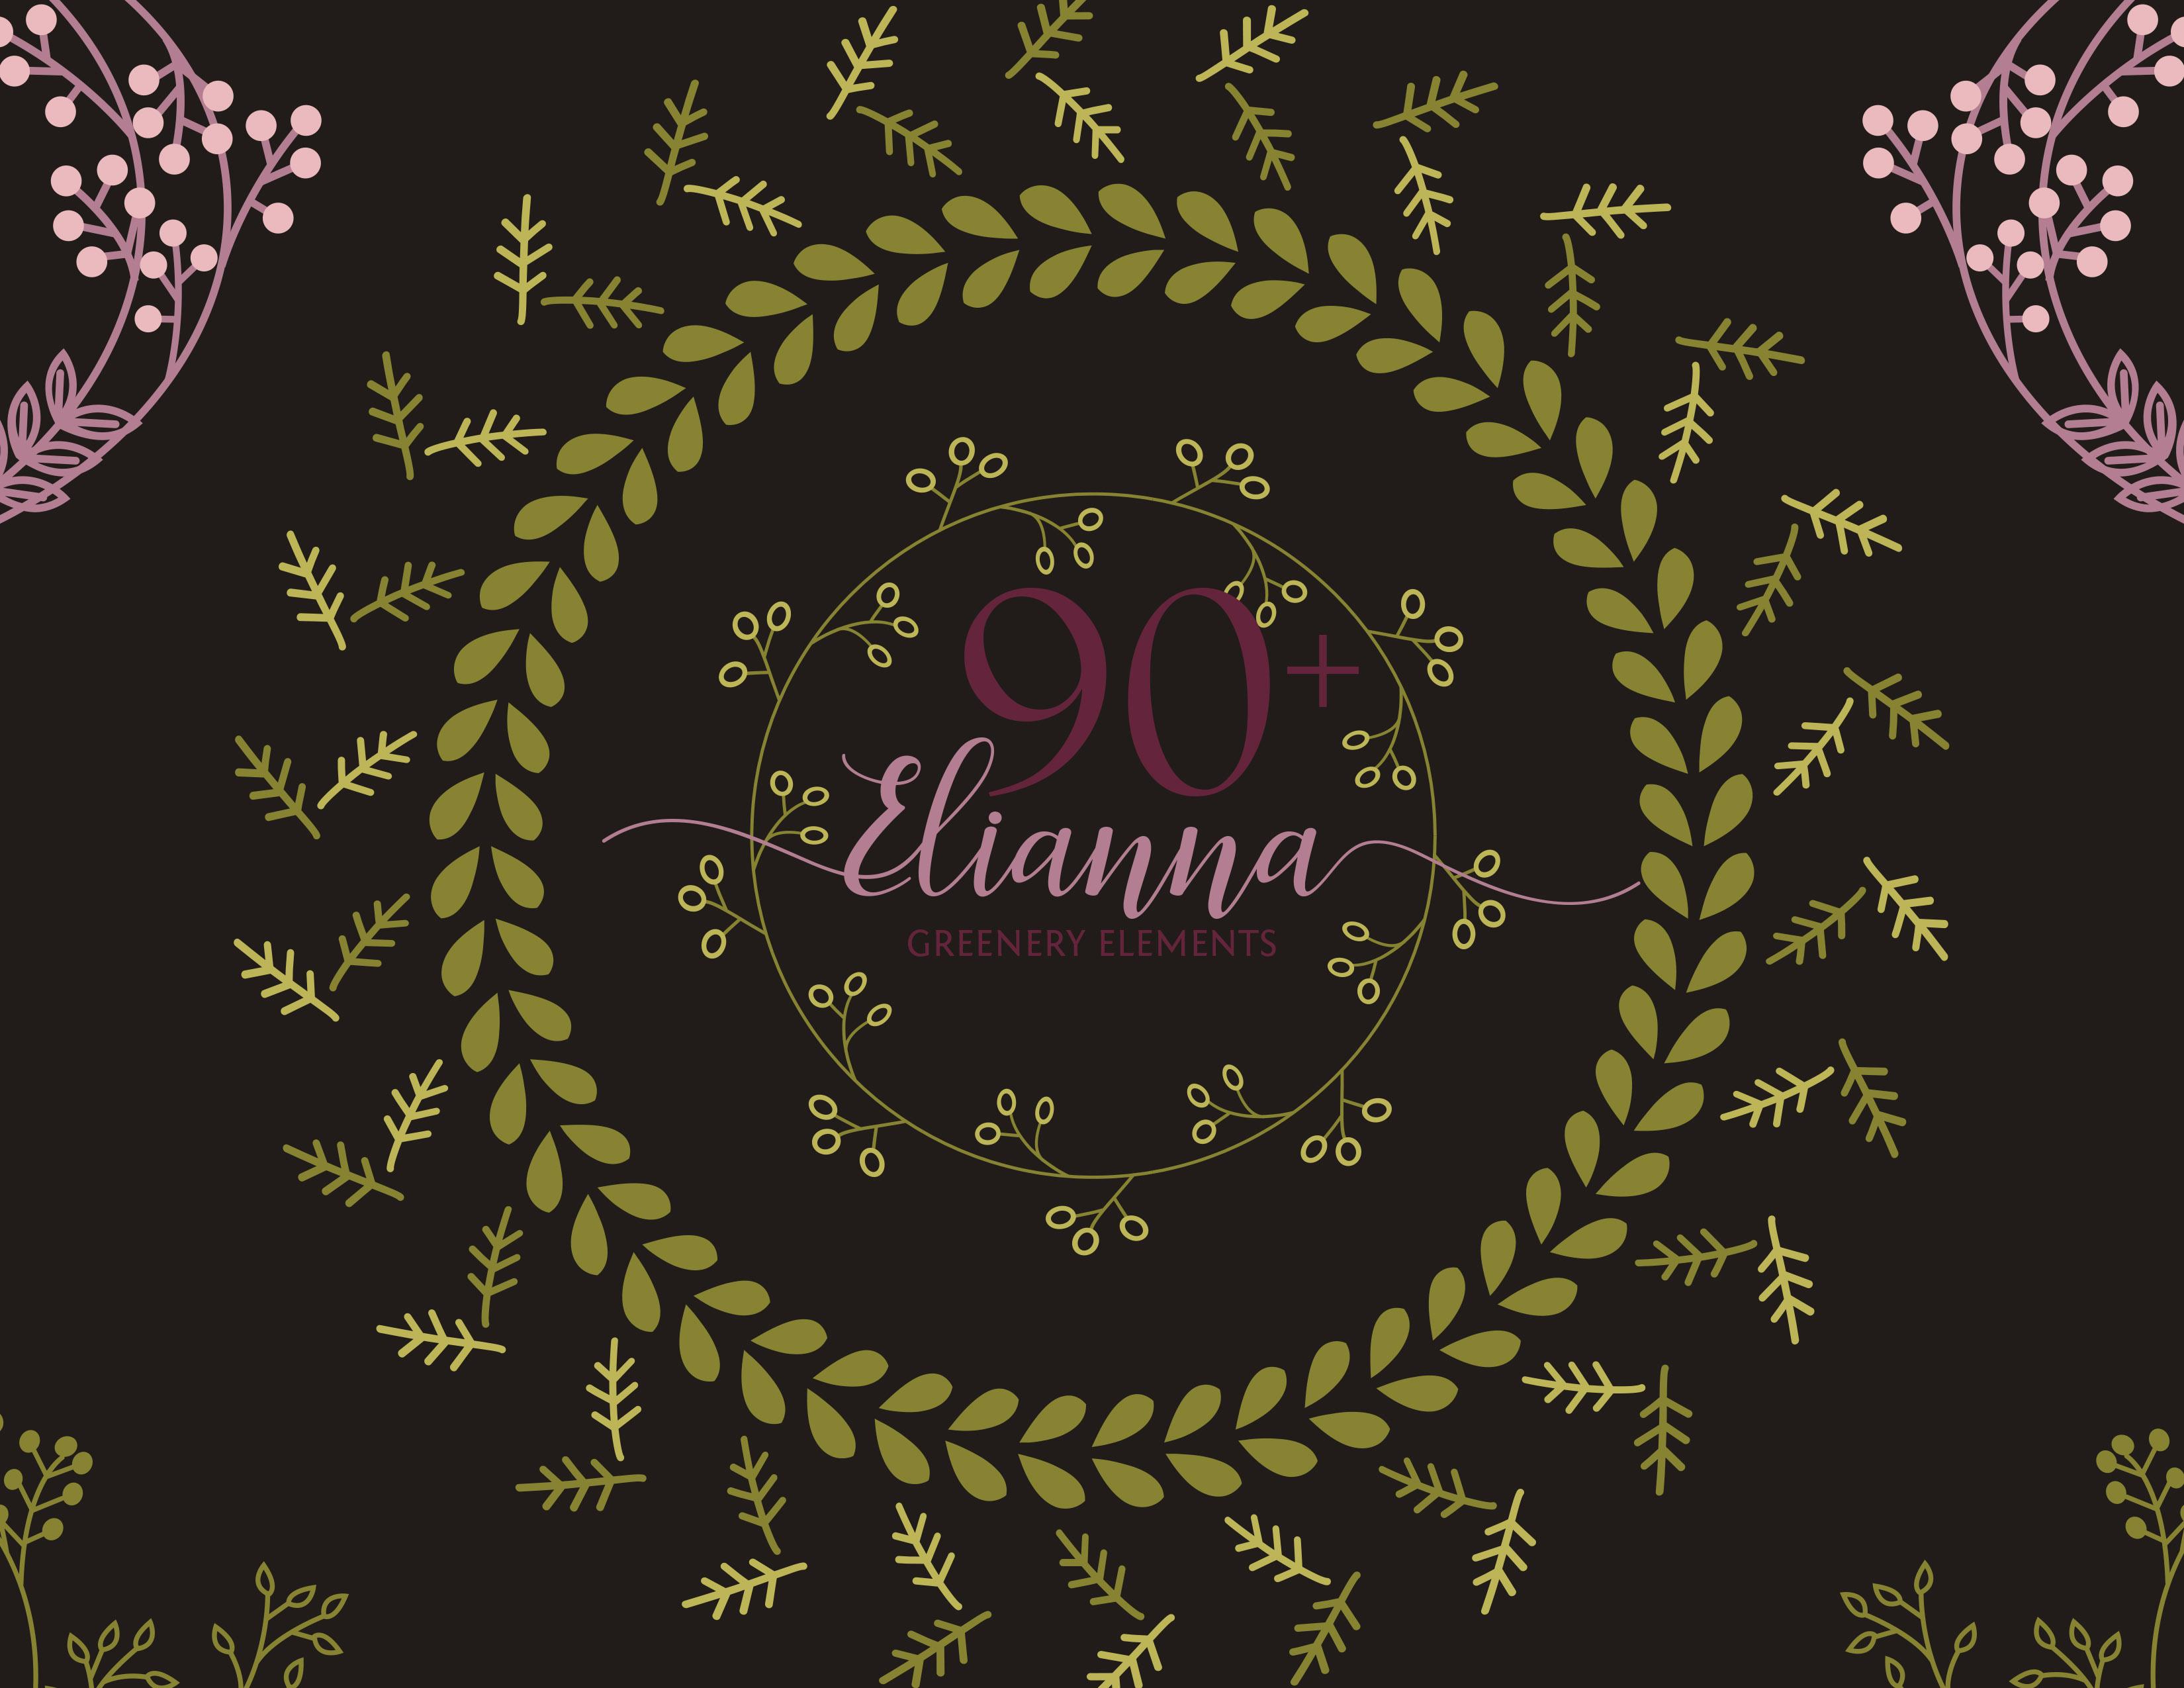 90+ Elianna Greenery Elements example image 1